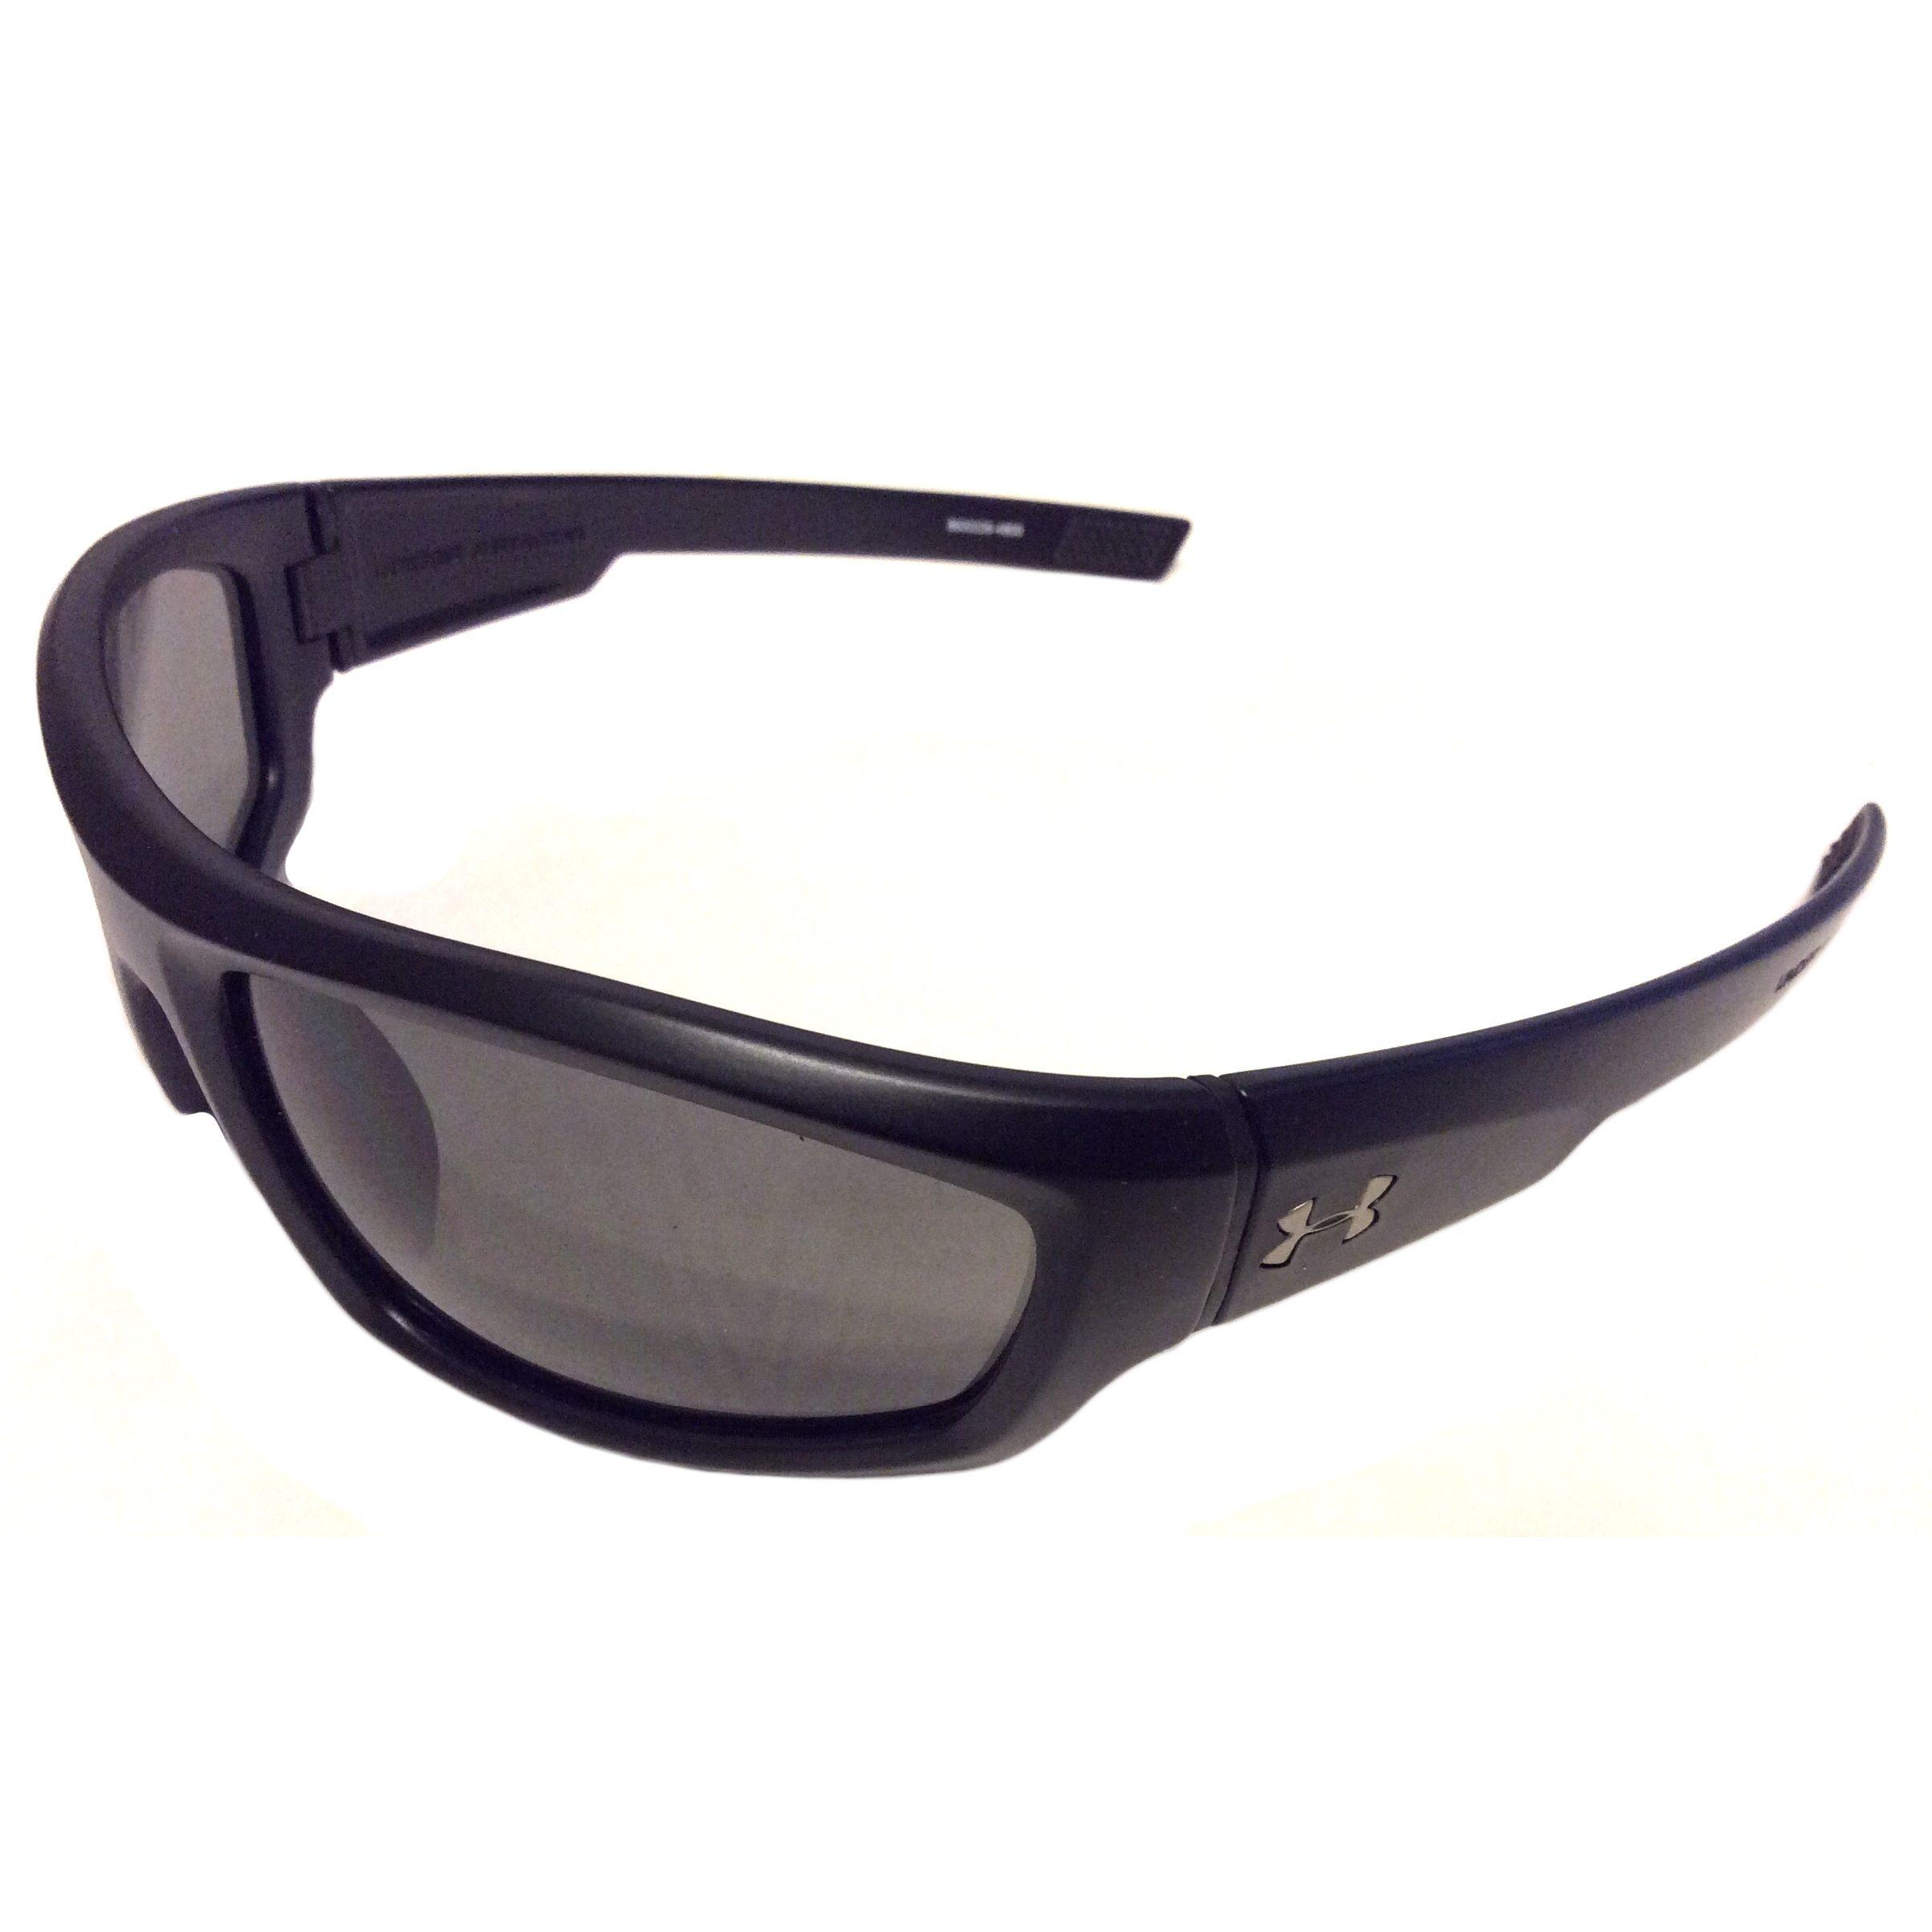 16eb629e10 Under Armour Power Sunglasses UA - Satin Black - Gray 8600026-4800